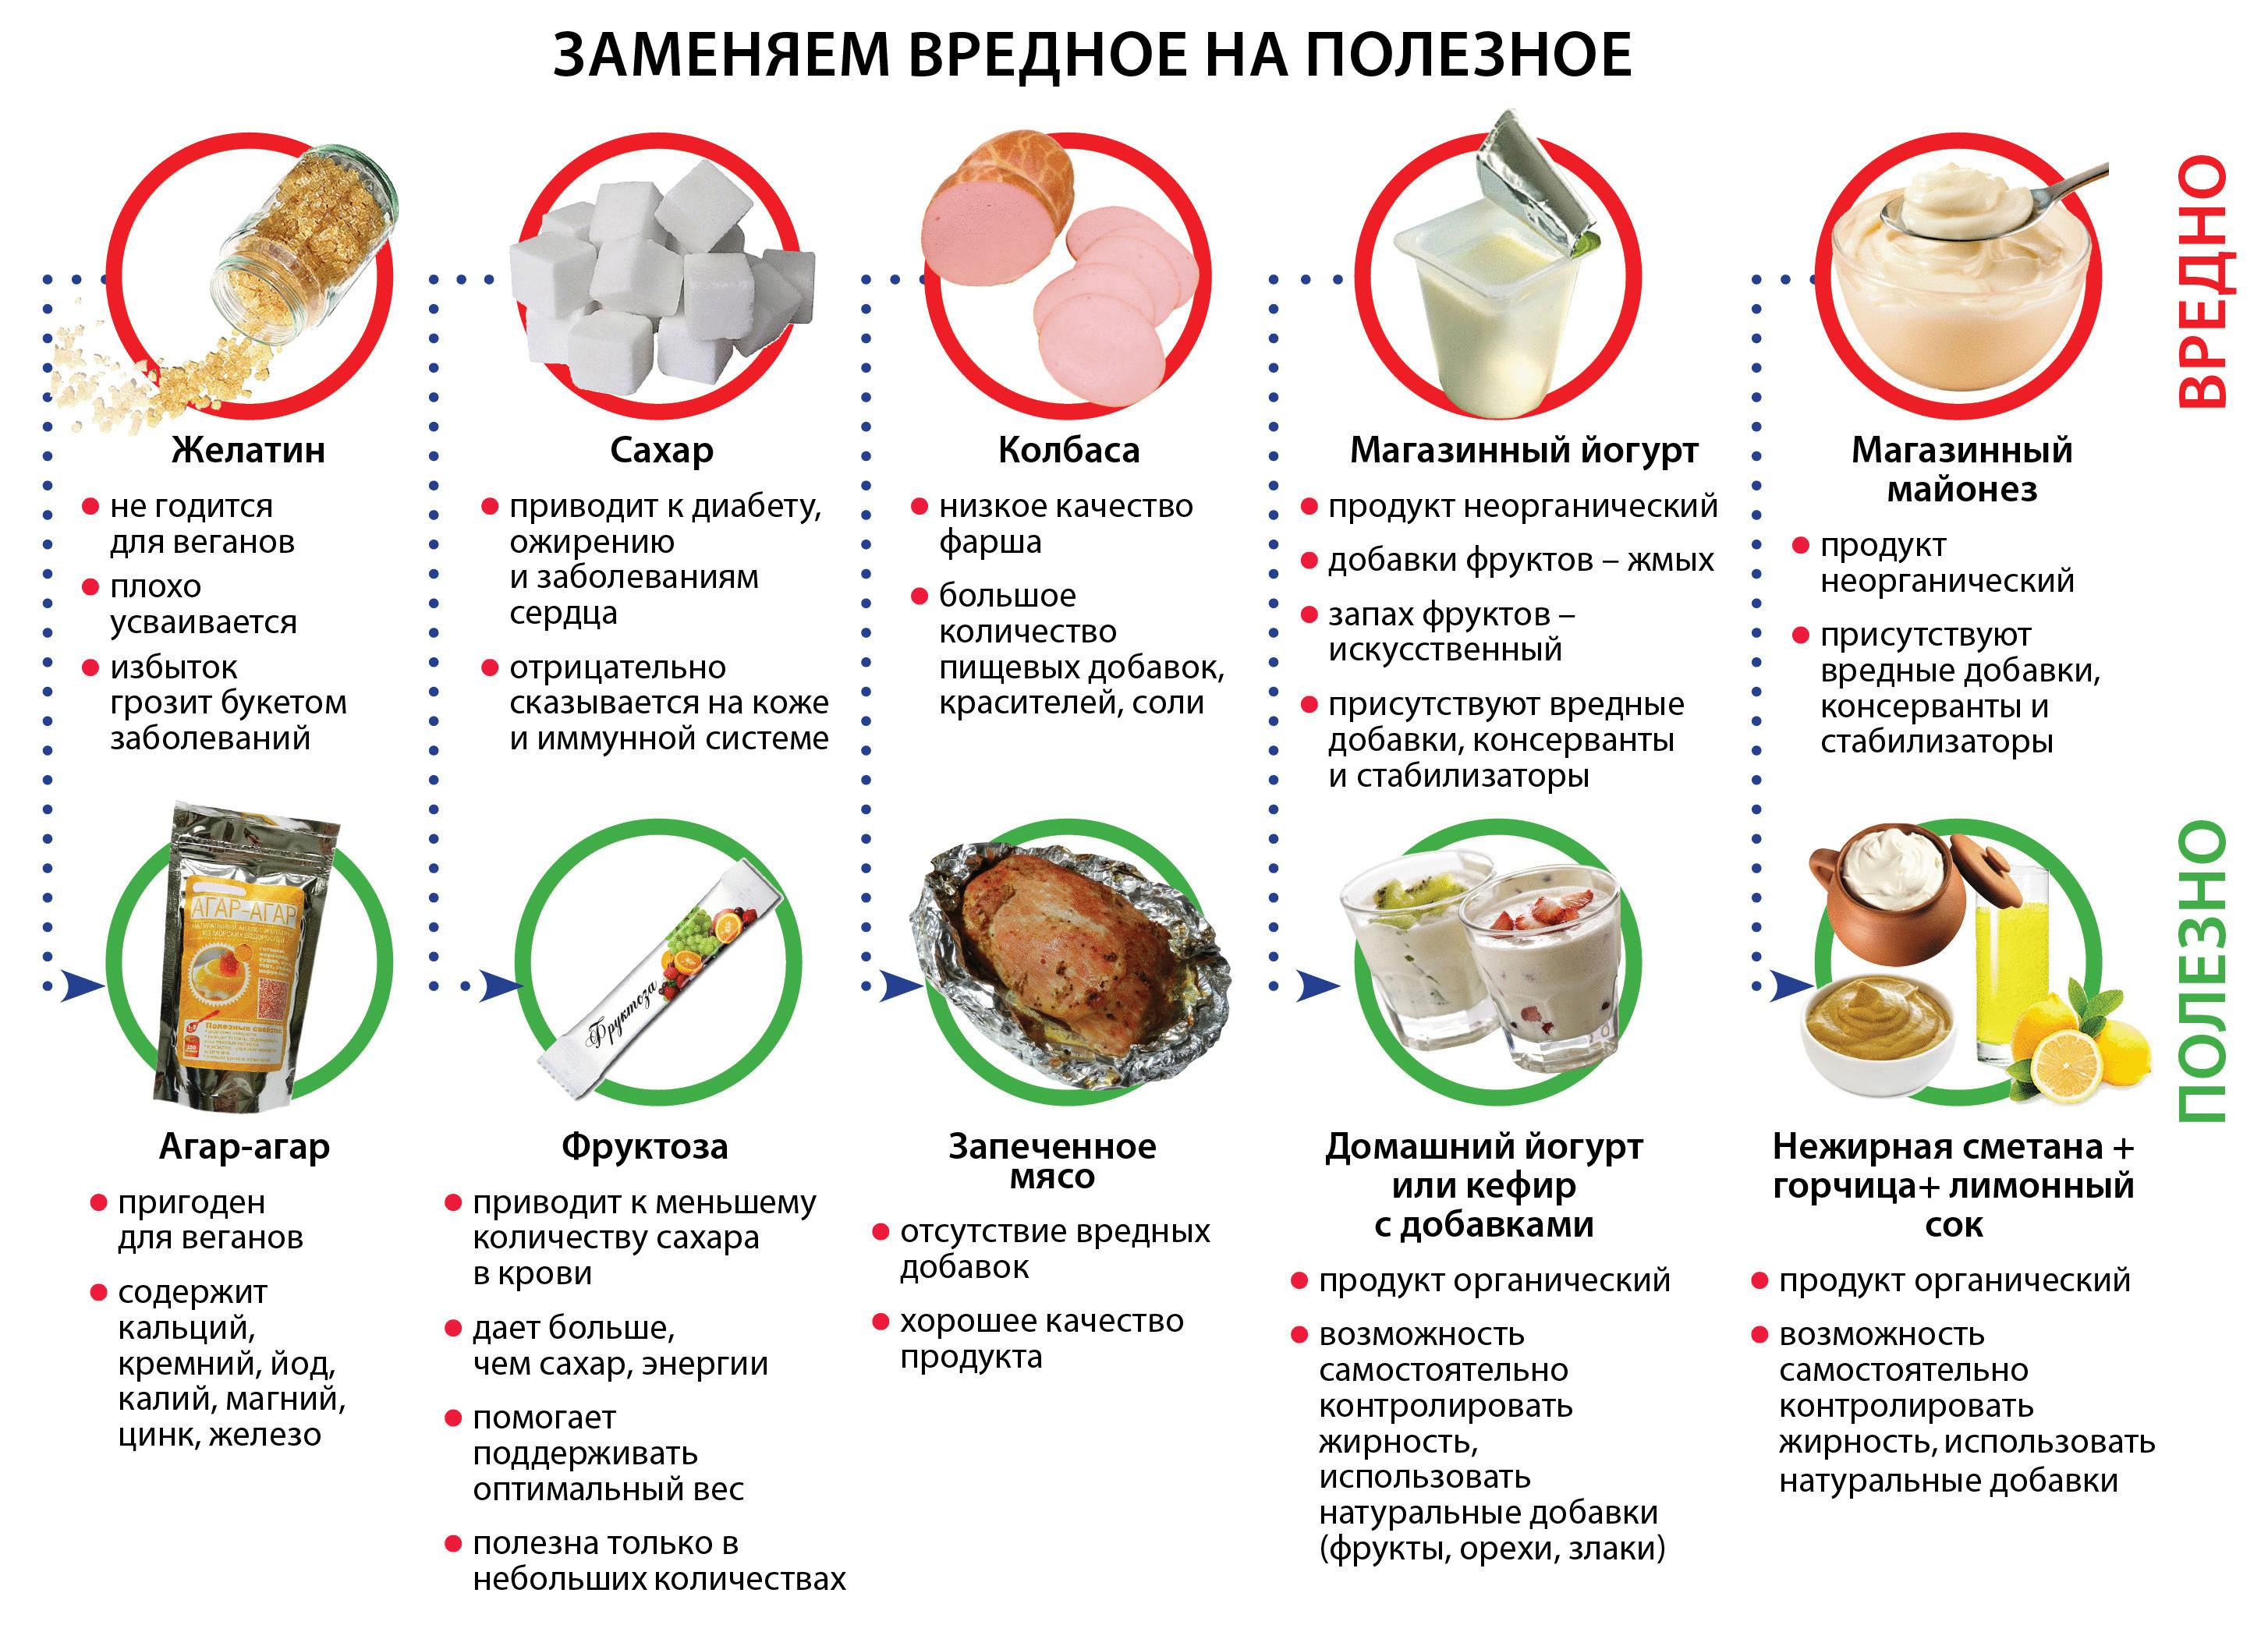 Причины возникновения дерматита, первые симптомы